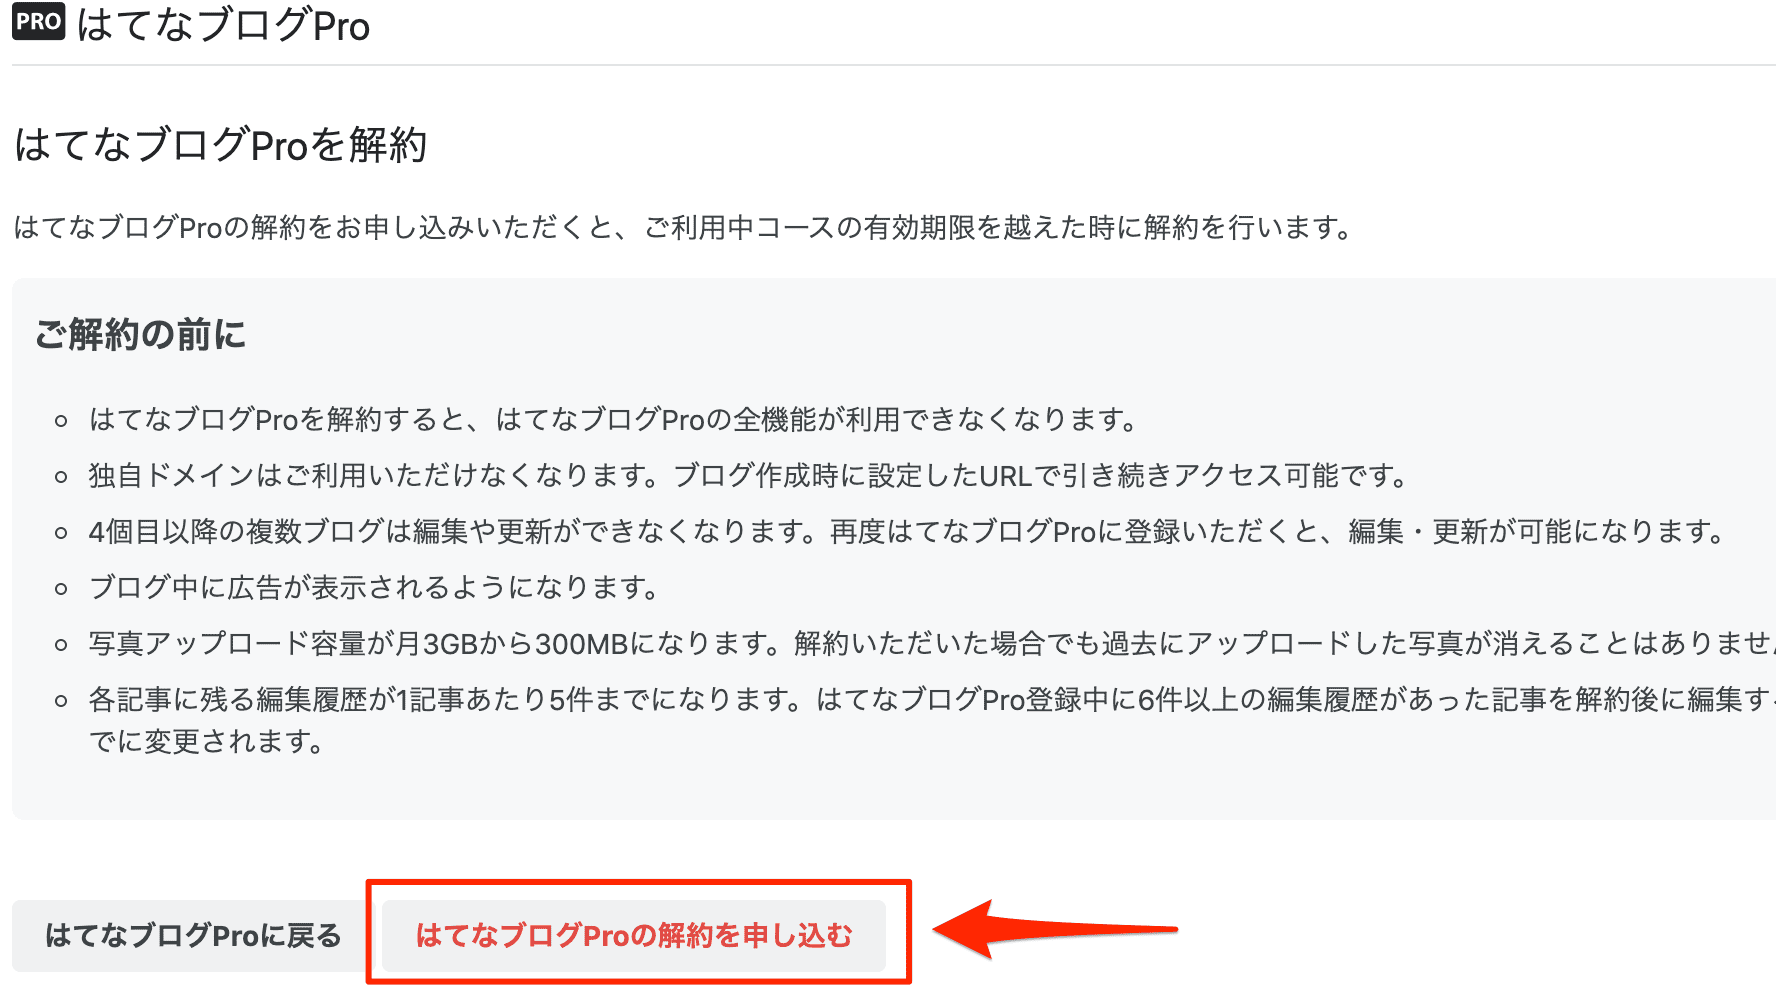 はてなブログpro解約ボタンをクリック